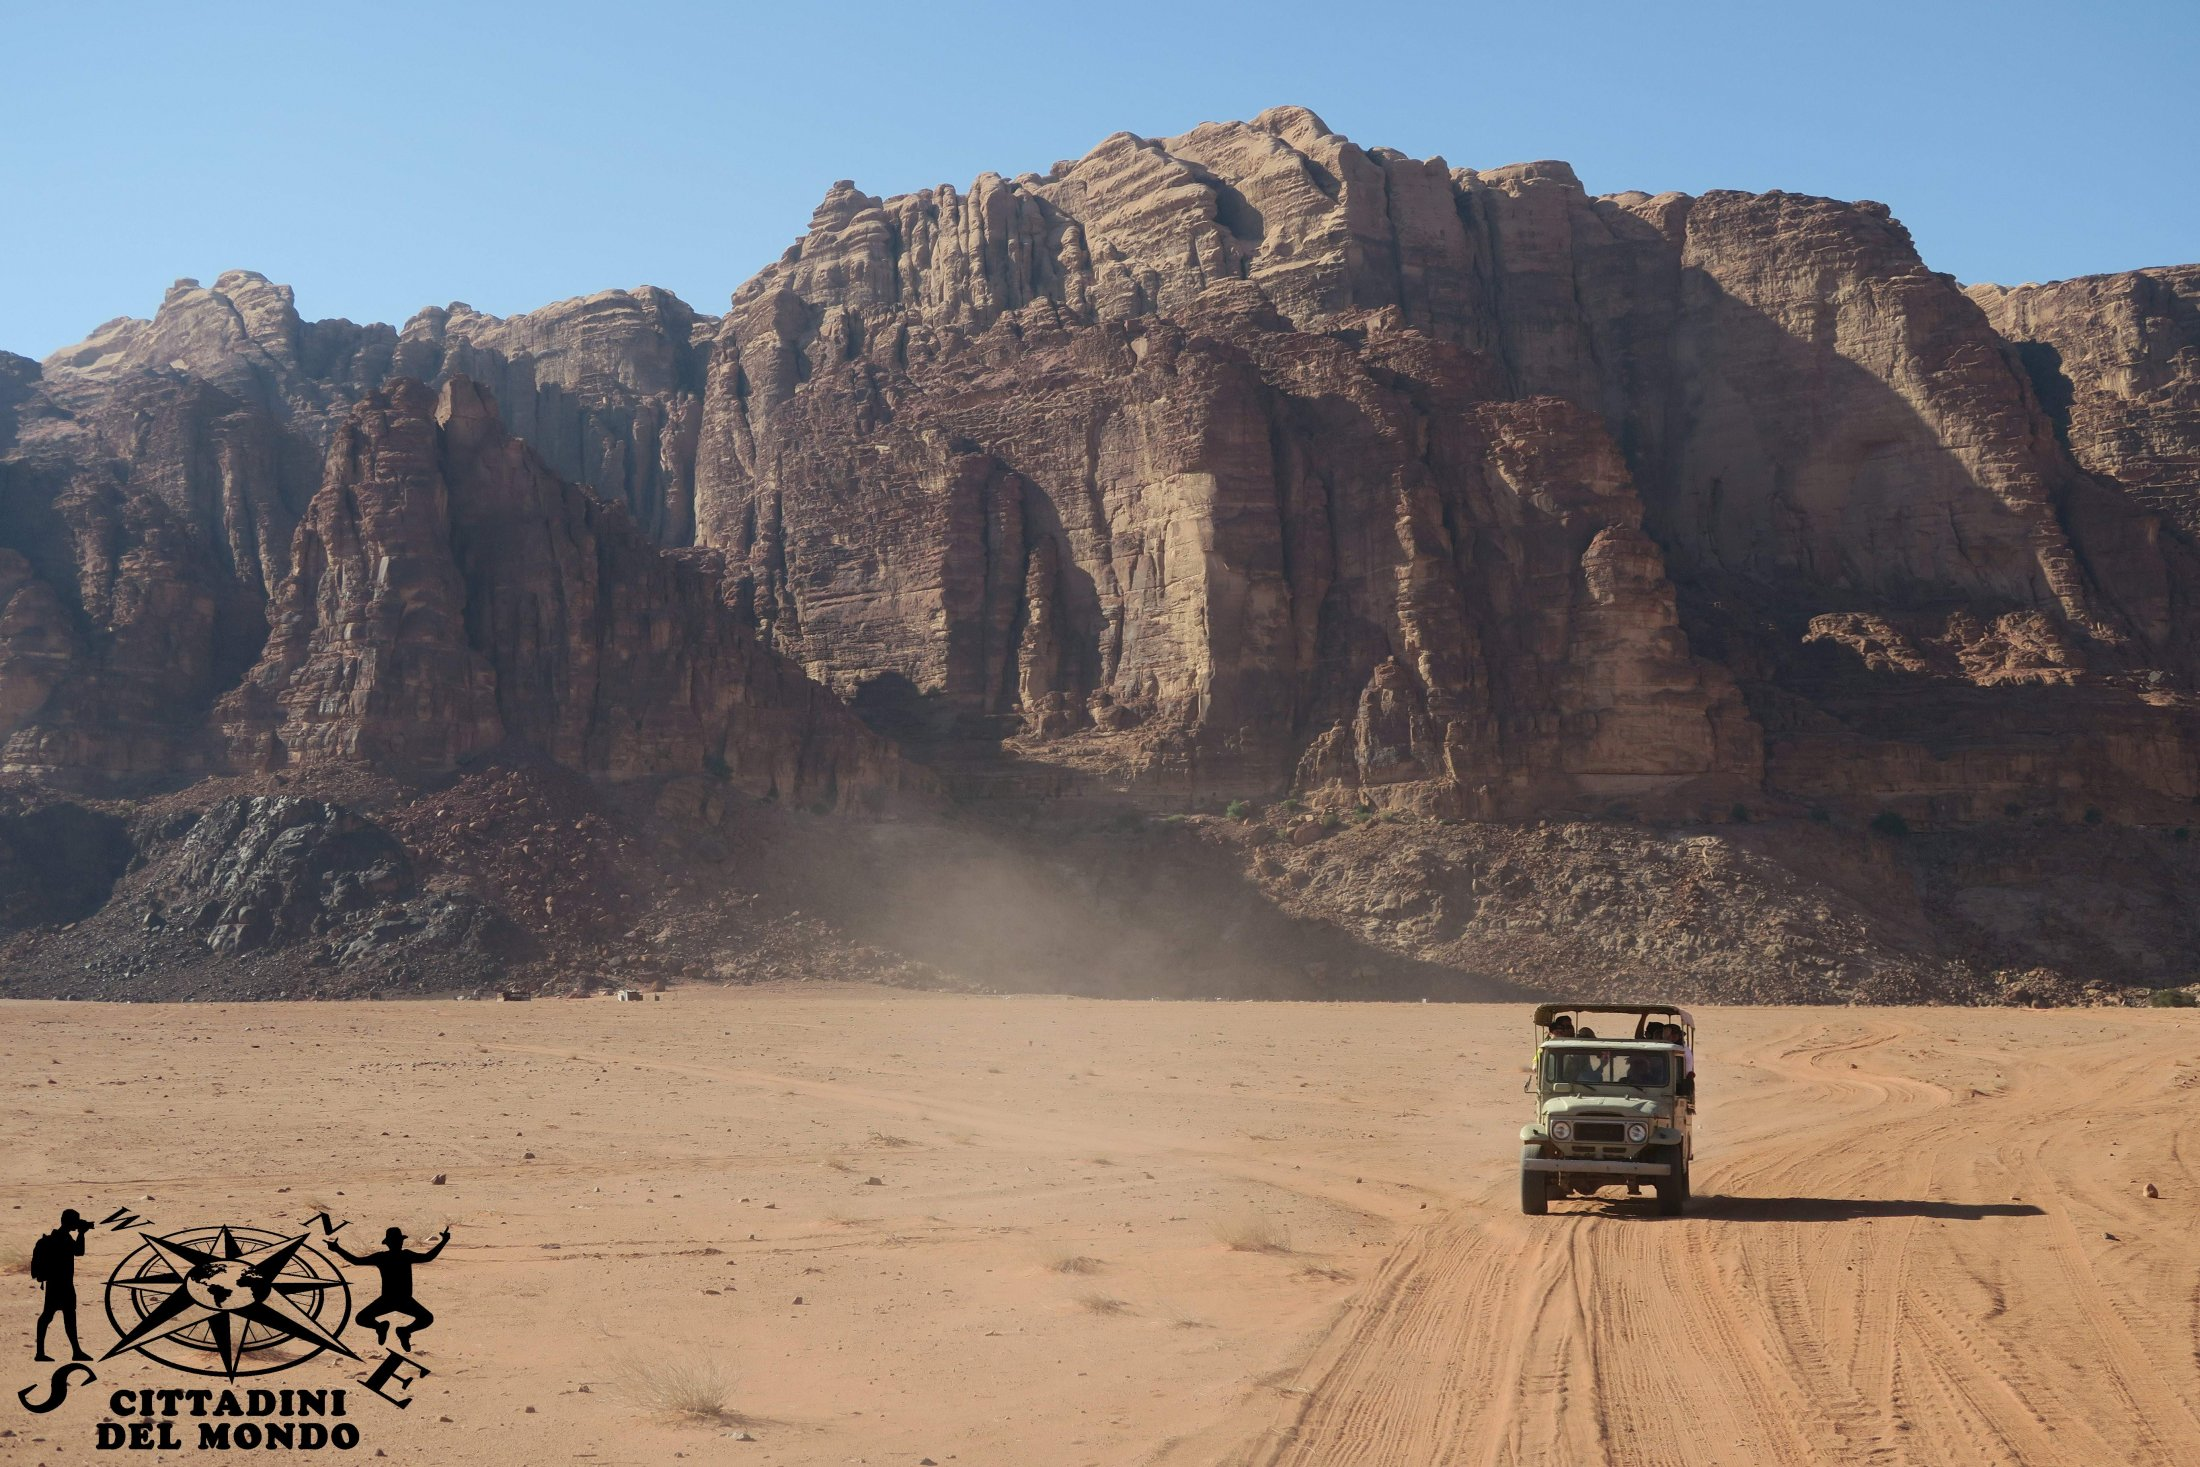 Galleria Giordania: Wadi Rum / Gallery Jordan: Wadi Rum